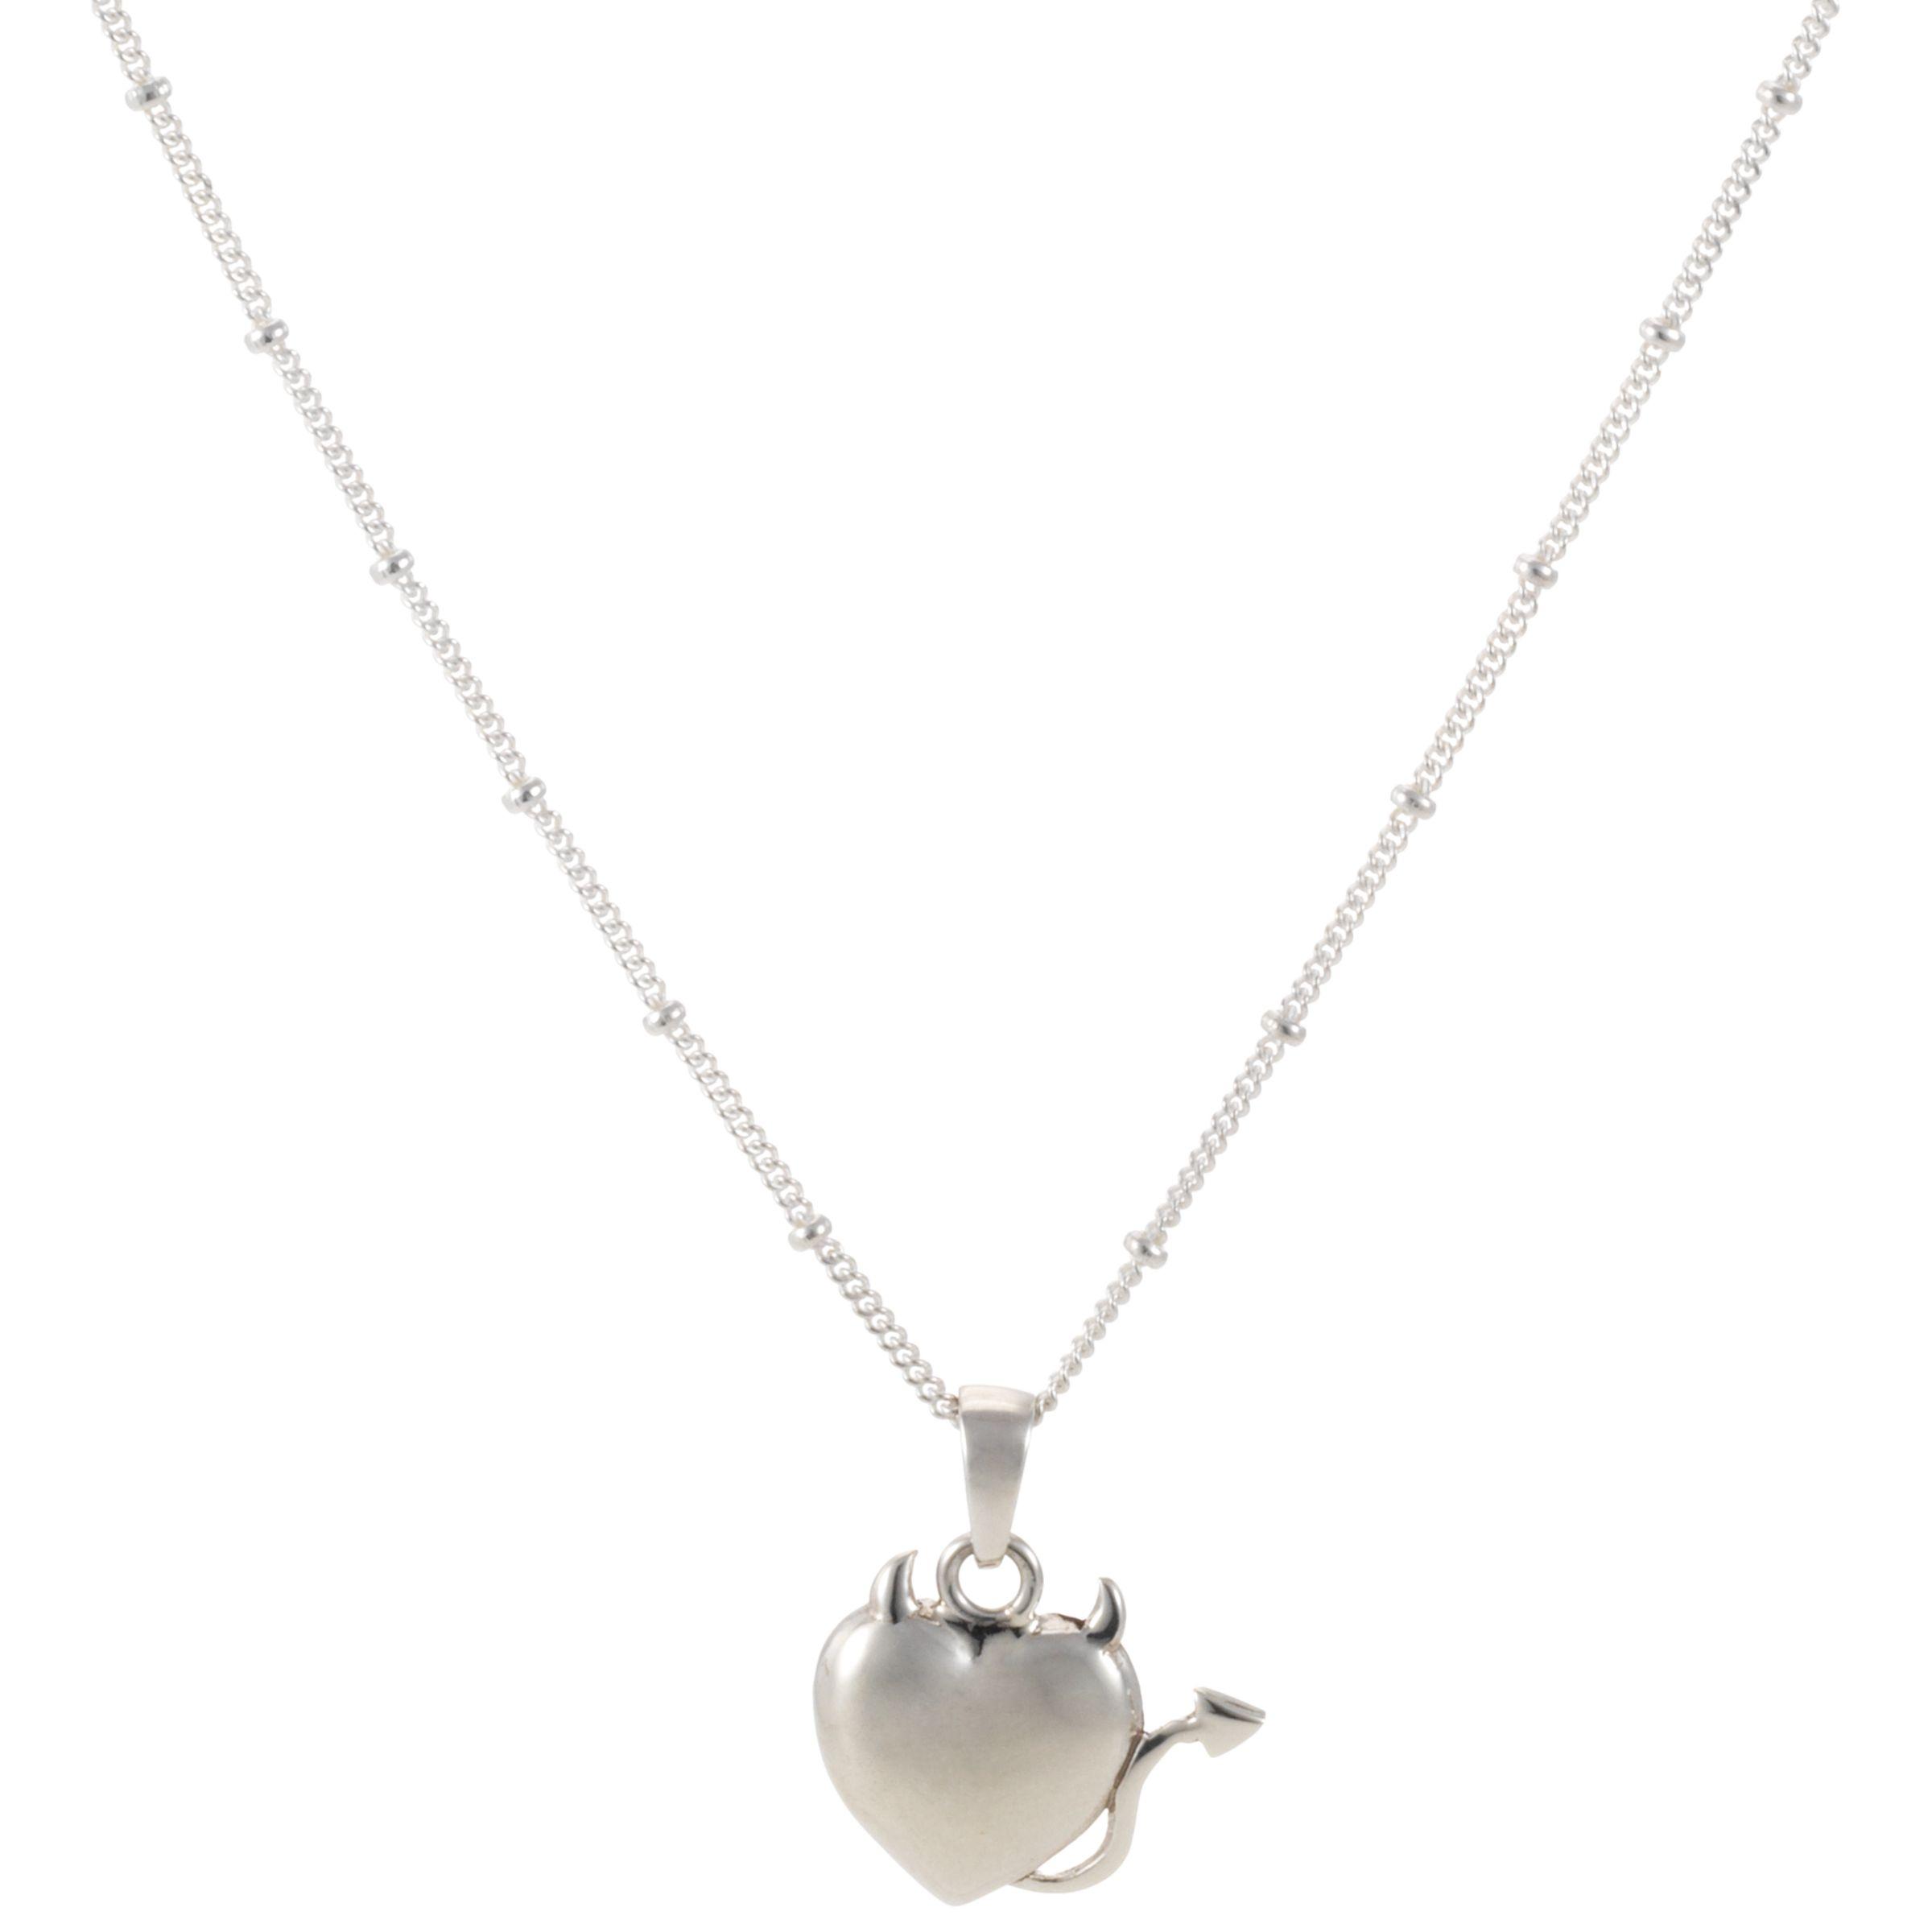 Martick Temptation Silver Heart Pendant Necklace